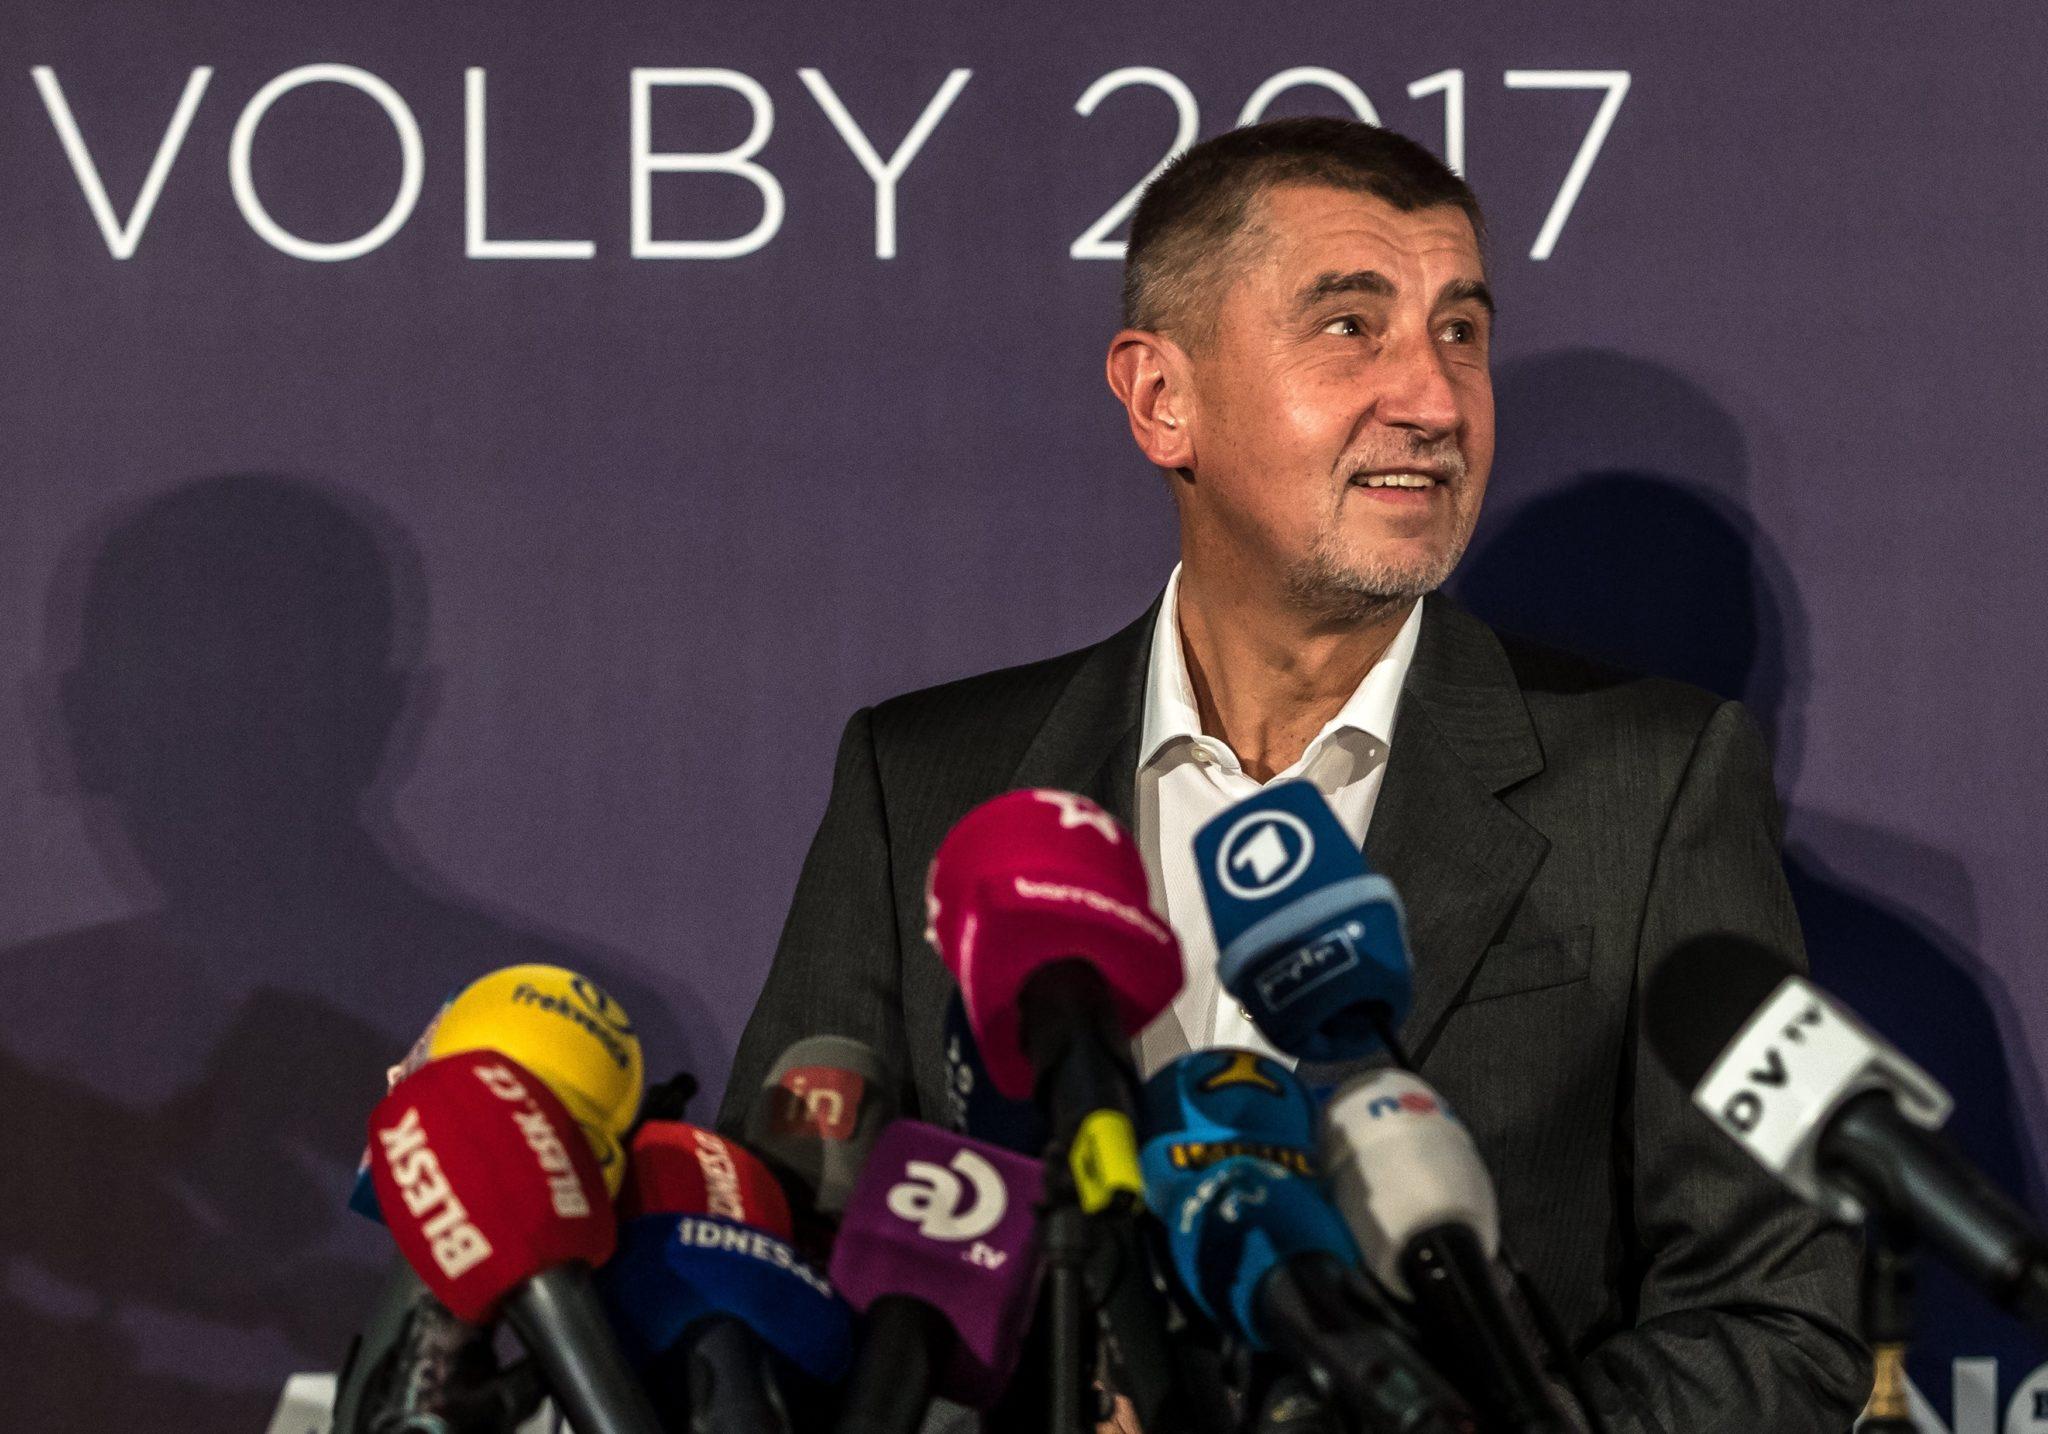 Praga, Czechy: Centroprawicowy ruch ANO wygrał wybory do czeskiej Izby Poselskiej, to partia miliardera słowackiego pochodzenia. Do niższej izby czeskiego parlamentu dostanie się dziewięć partii, fot: Martin Divisek, PAP/EPA